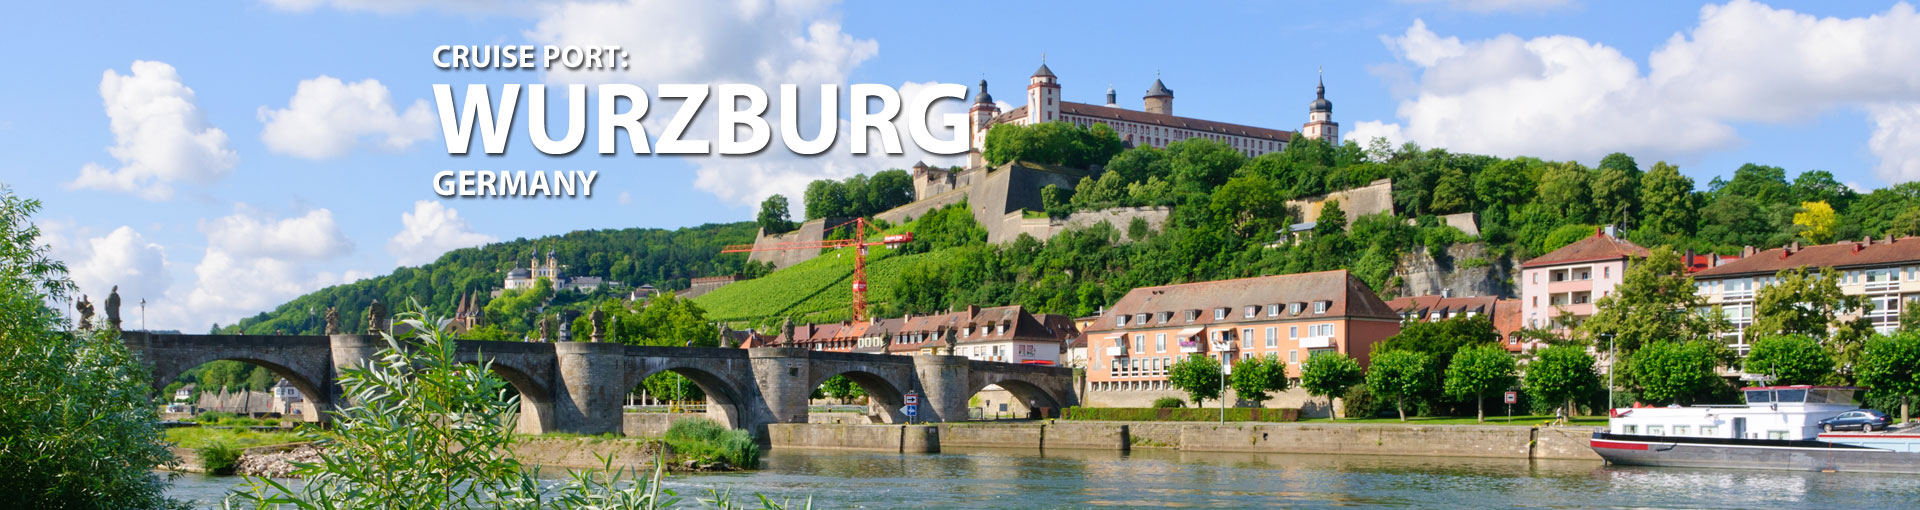 Cruises to Wurzburg, Germany